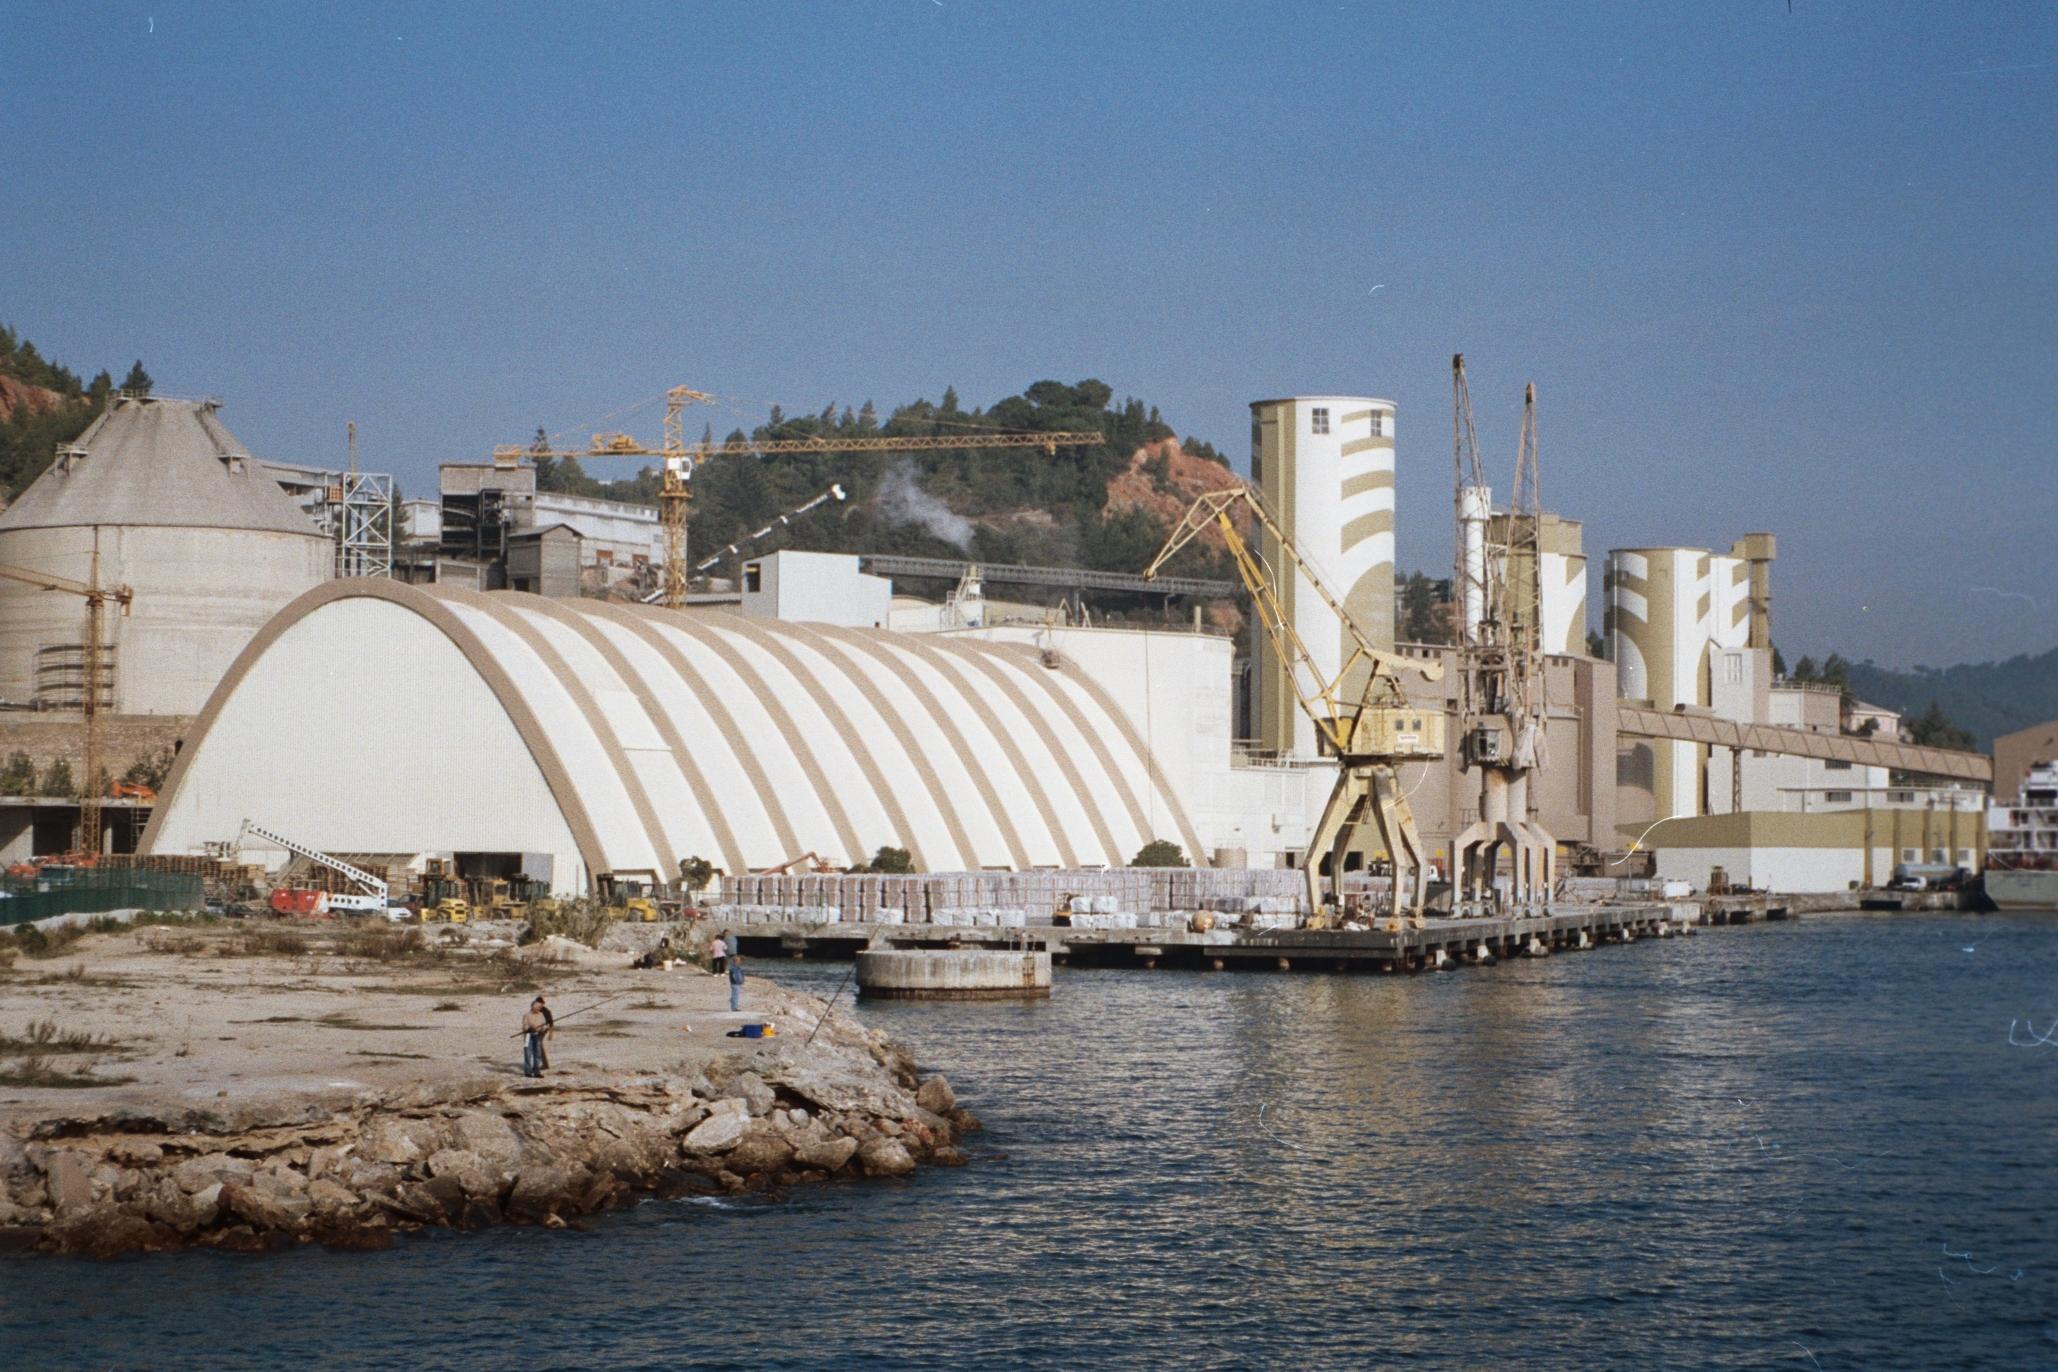 Perspectiva do armazém e silos após a conclusão das obras.